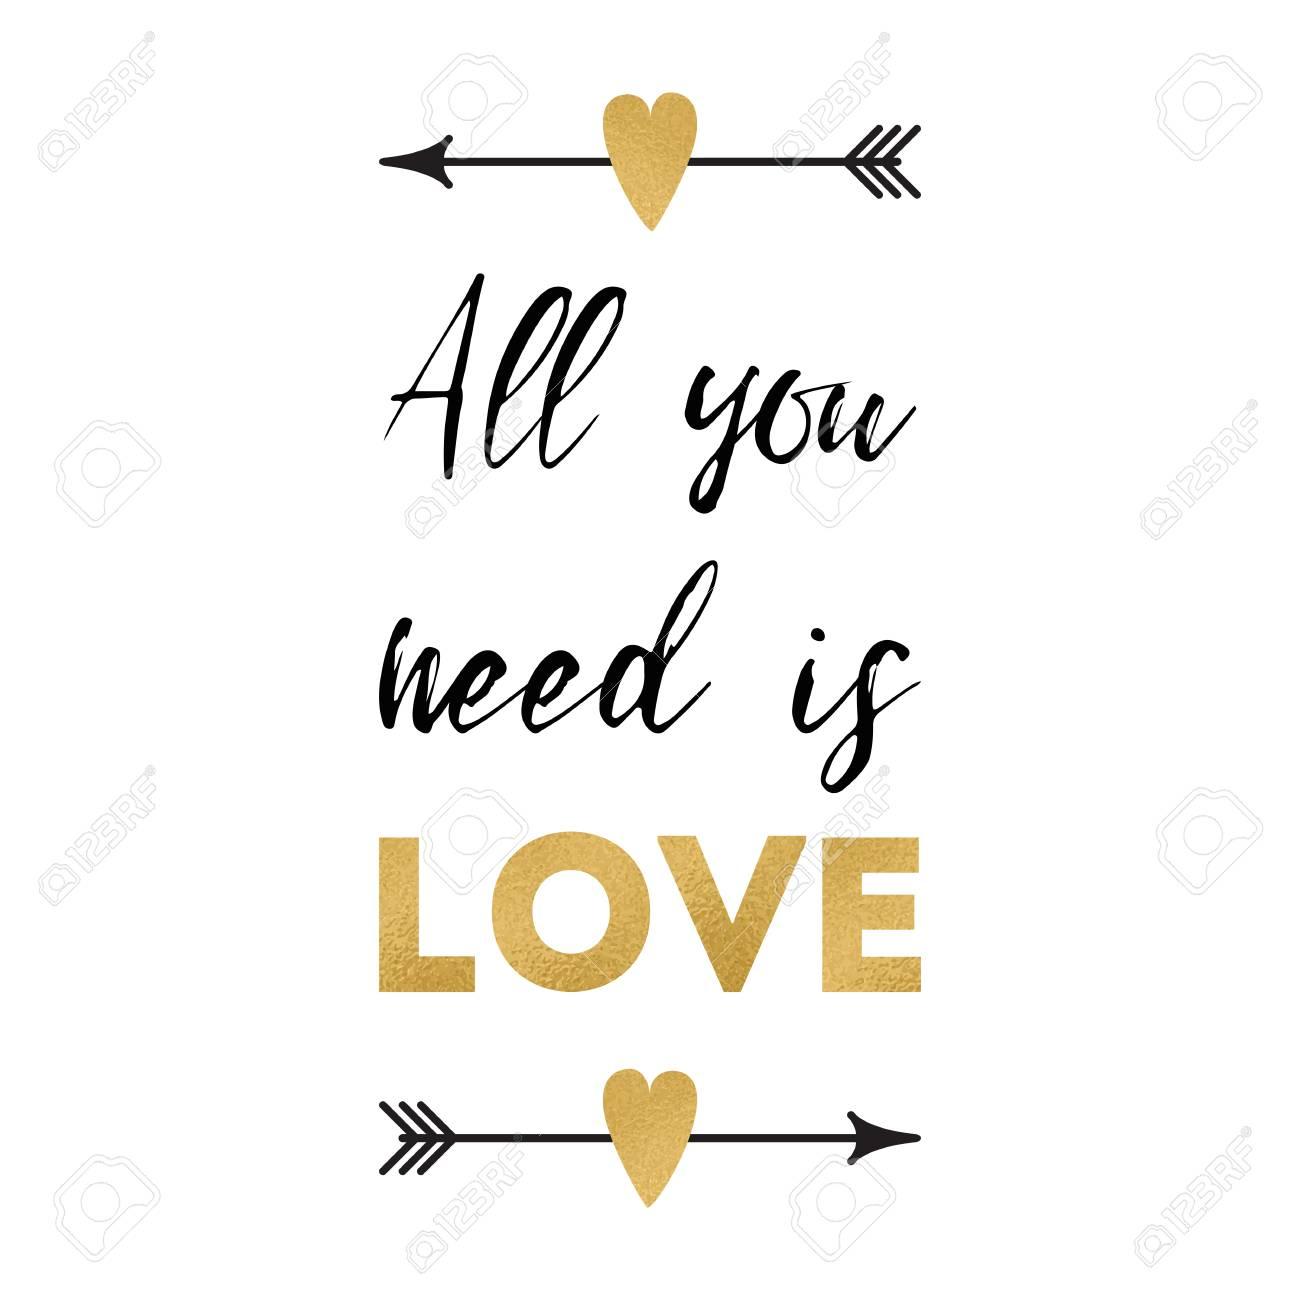 Tudo O Que Você Precisa é Amor Vector Cartão De Dia Dos Namorados Com Frase Positiva Decorado Coração Romântico Flechas Elemento De Design Bonito Em